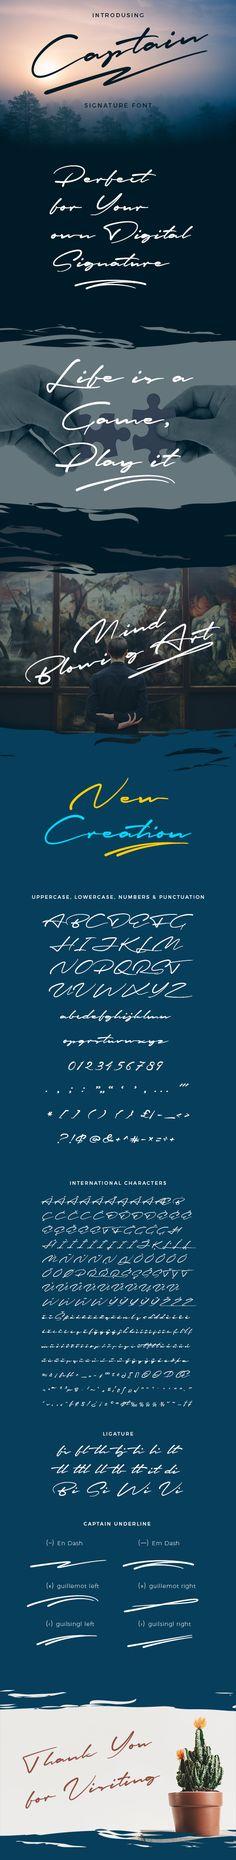 Captain Signature Brush Font — TrueType TTF #signatures #logo • Download ➝ https://graphicriver.net/item/captain-signature-brush-font/19938988?ref=pxcr